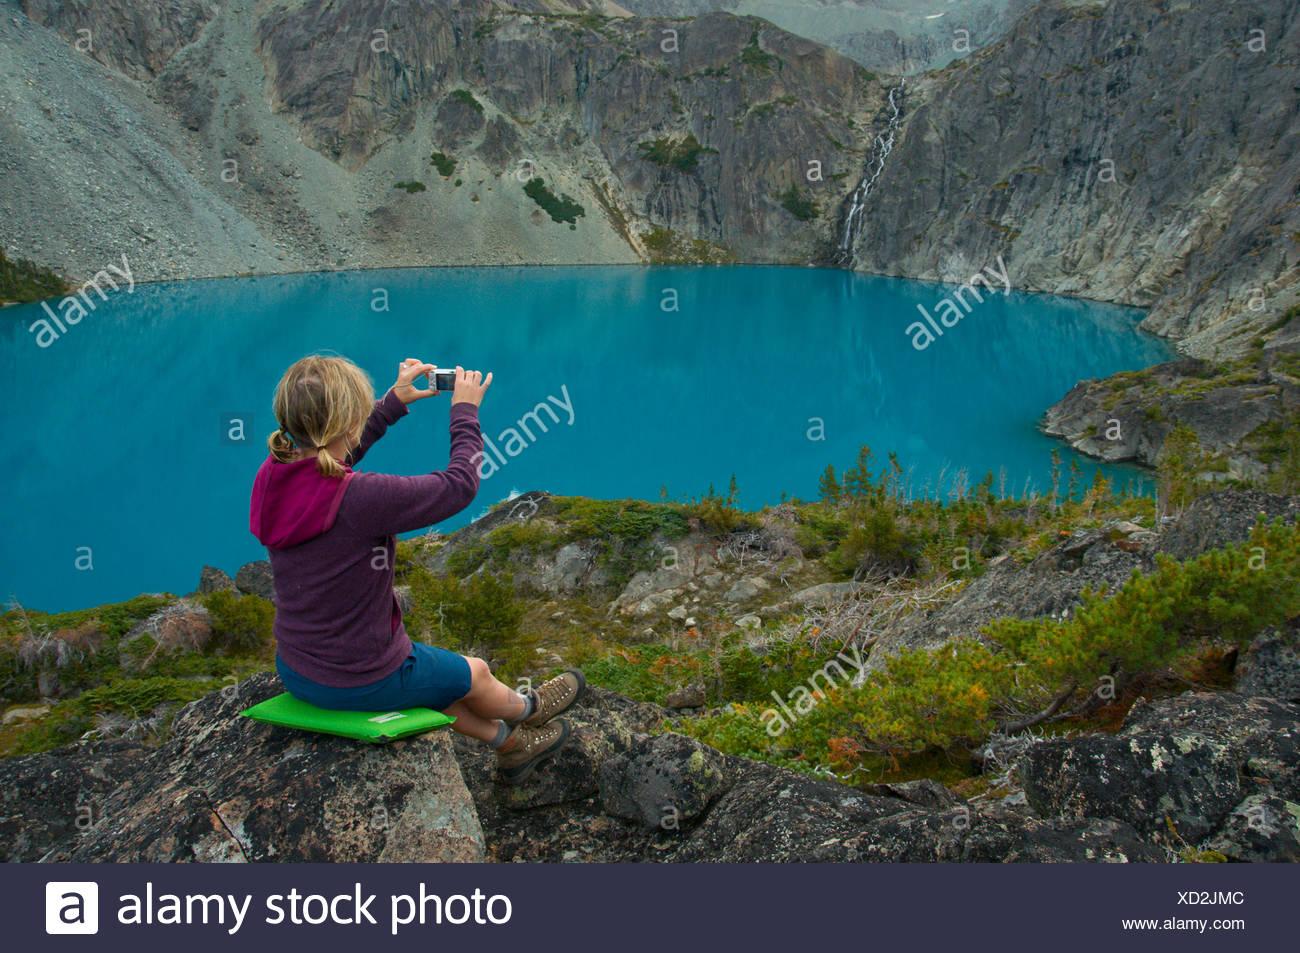 Una joven mujer ajusta una foto de una cascada y un lago azul con una cámara de apuntar y disparar, British Columbia, Canadá Imagen De Stock